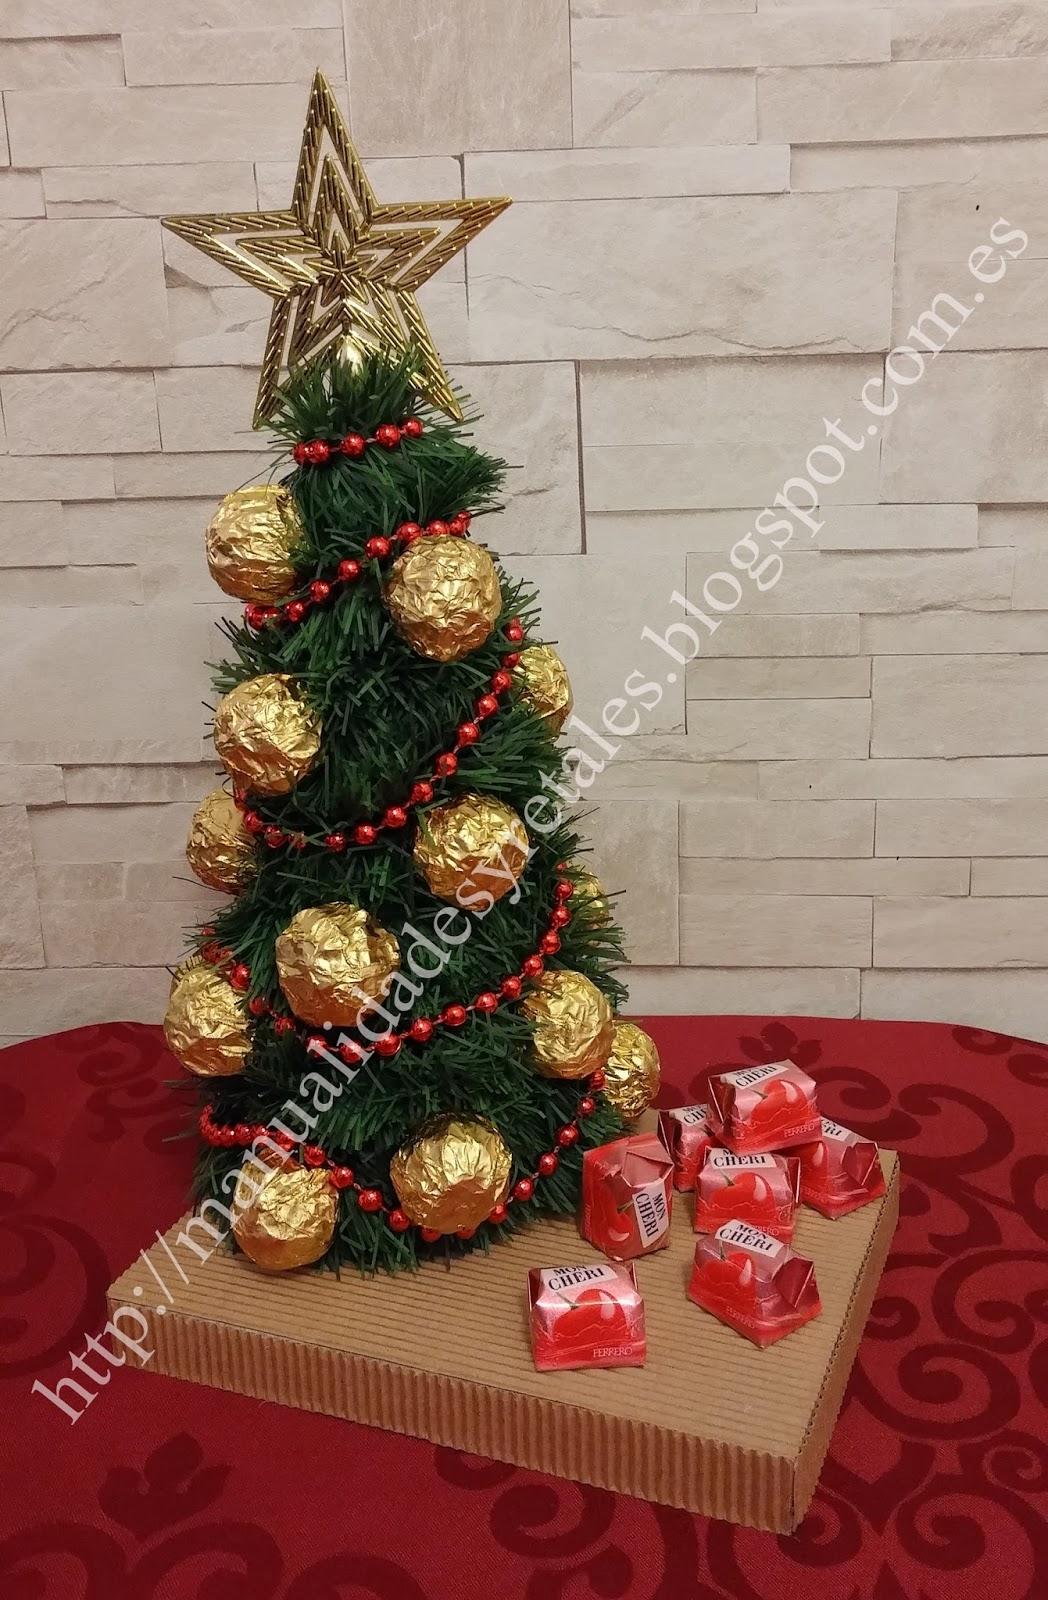 Manualidades y retales arbol bombones - Detalles de navidad manualidades ...